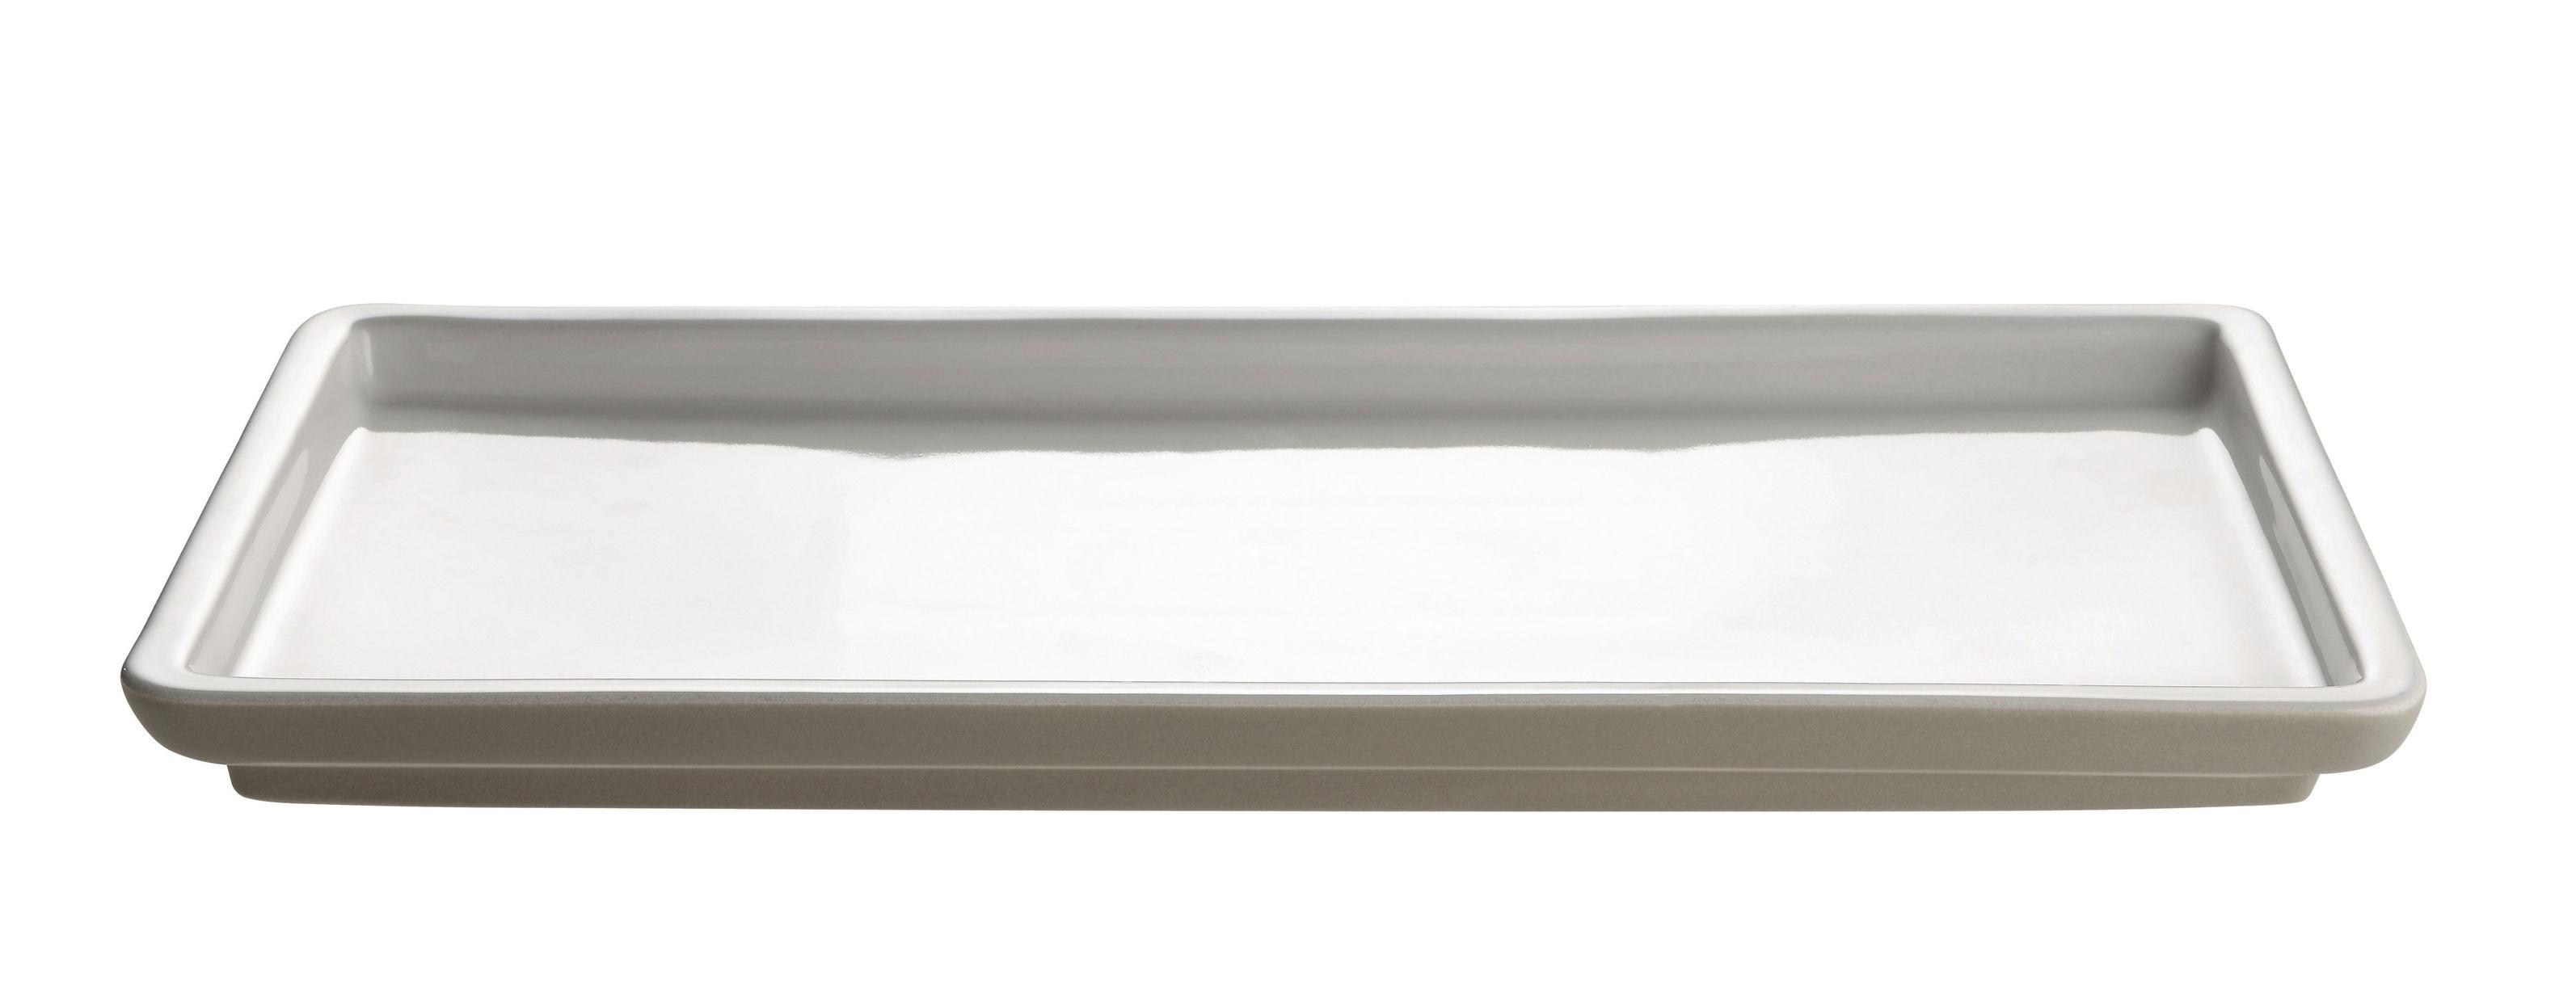 Cucina - Pentole, Padelle e Casseruole - Piatto da portata Tonale Small / 36 x 17 cm - Alessi - Small - Grigio chiaro / Interno bianco - Ceramica stoneware